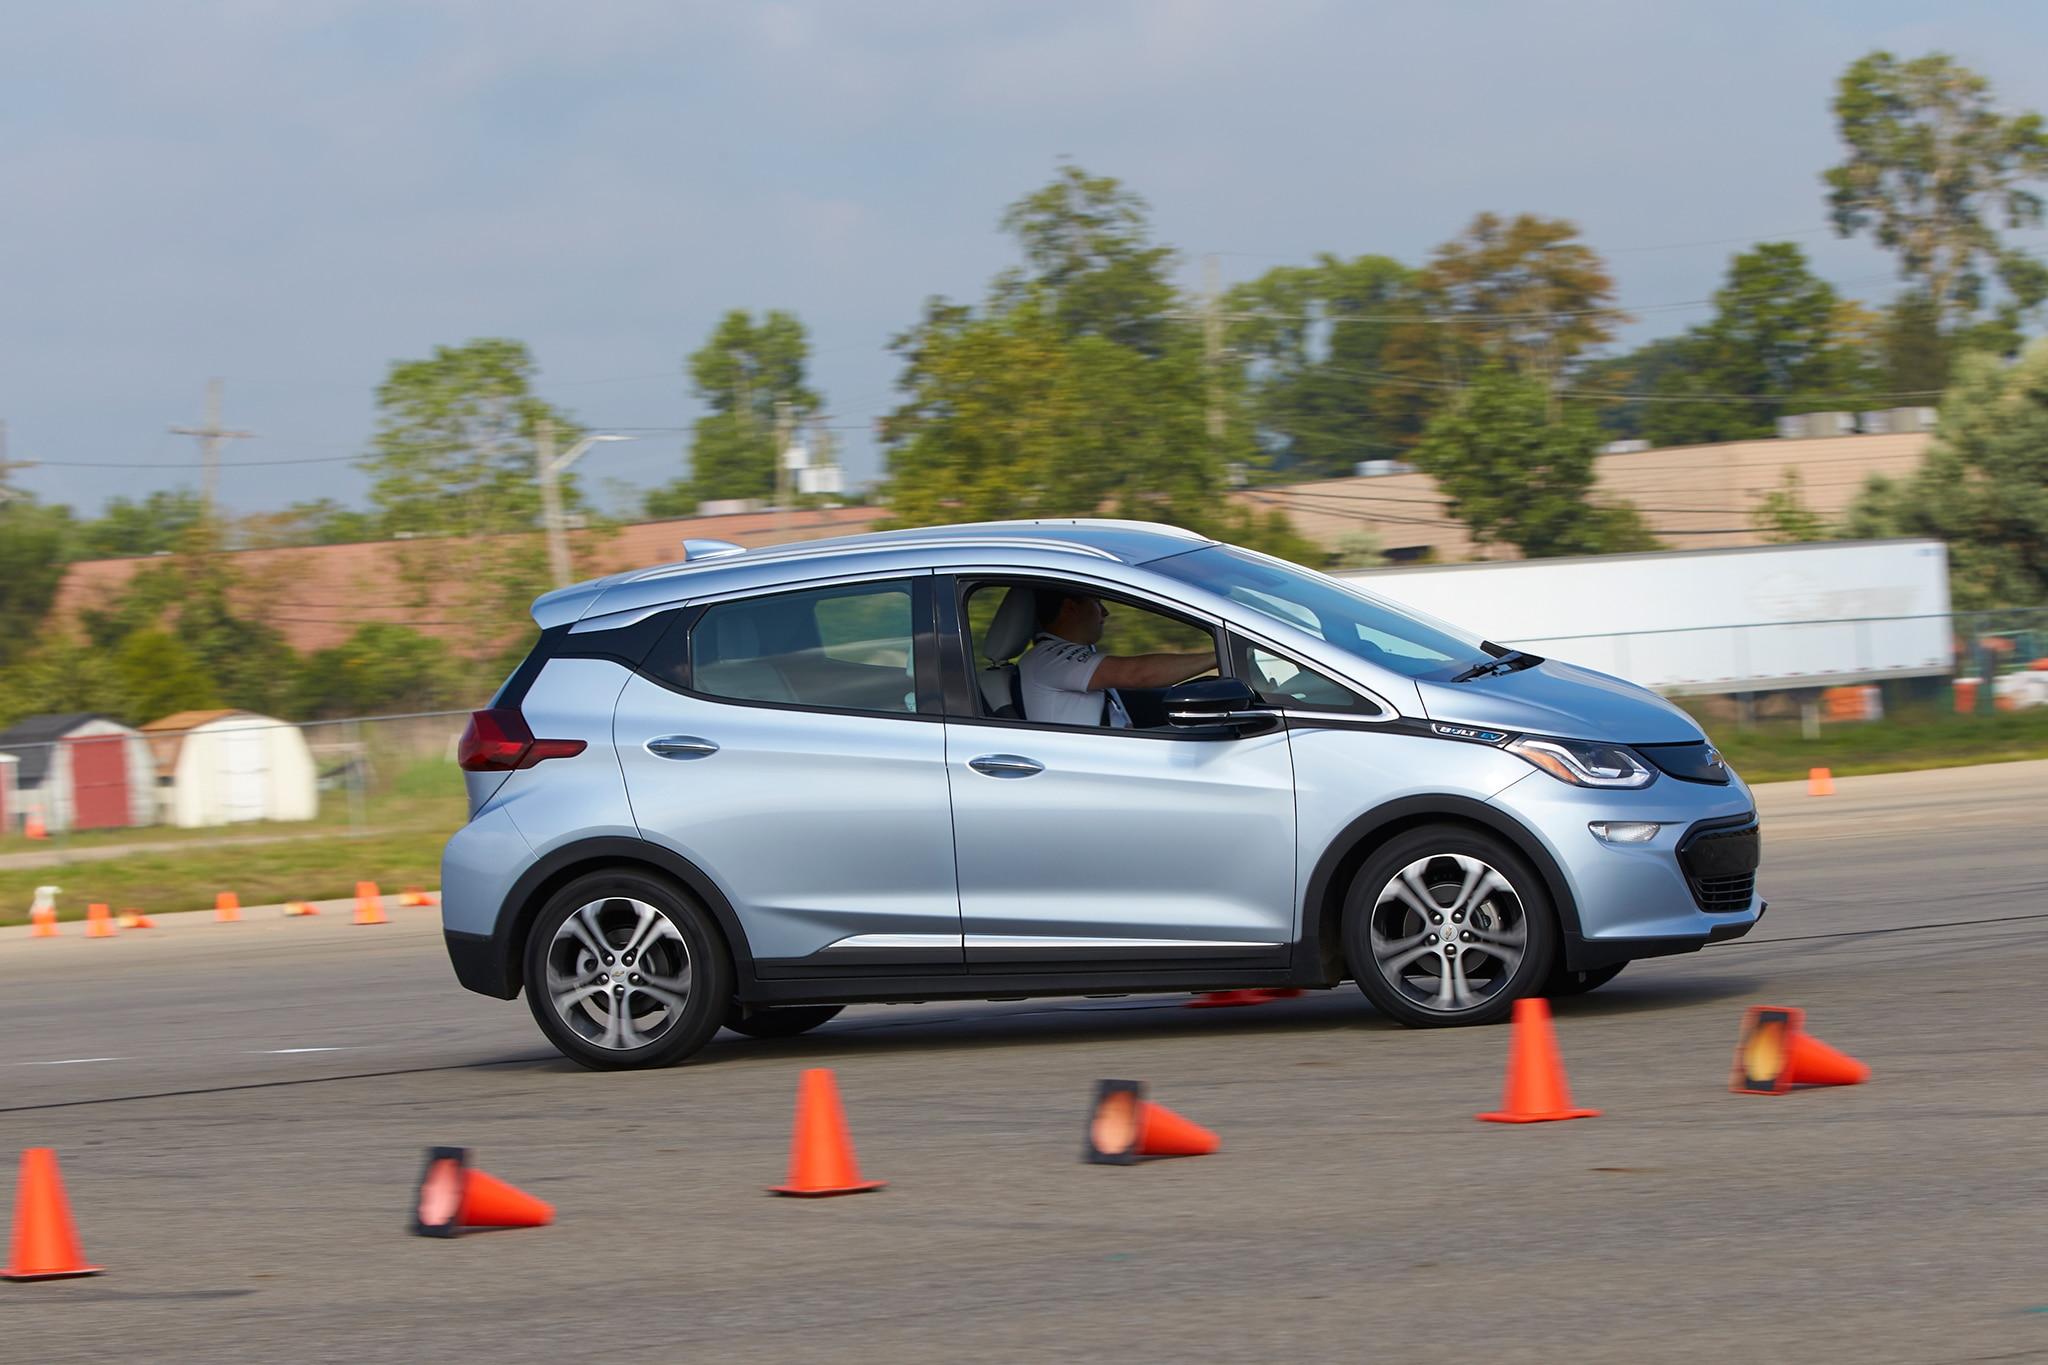 2017 Chevrolet Bolt EV Side Profile In Motion 06